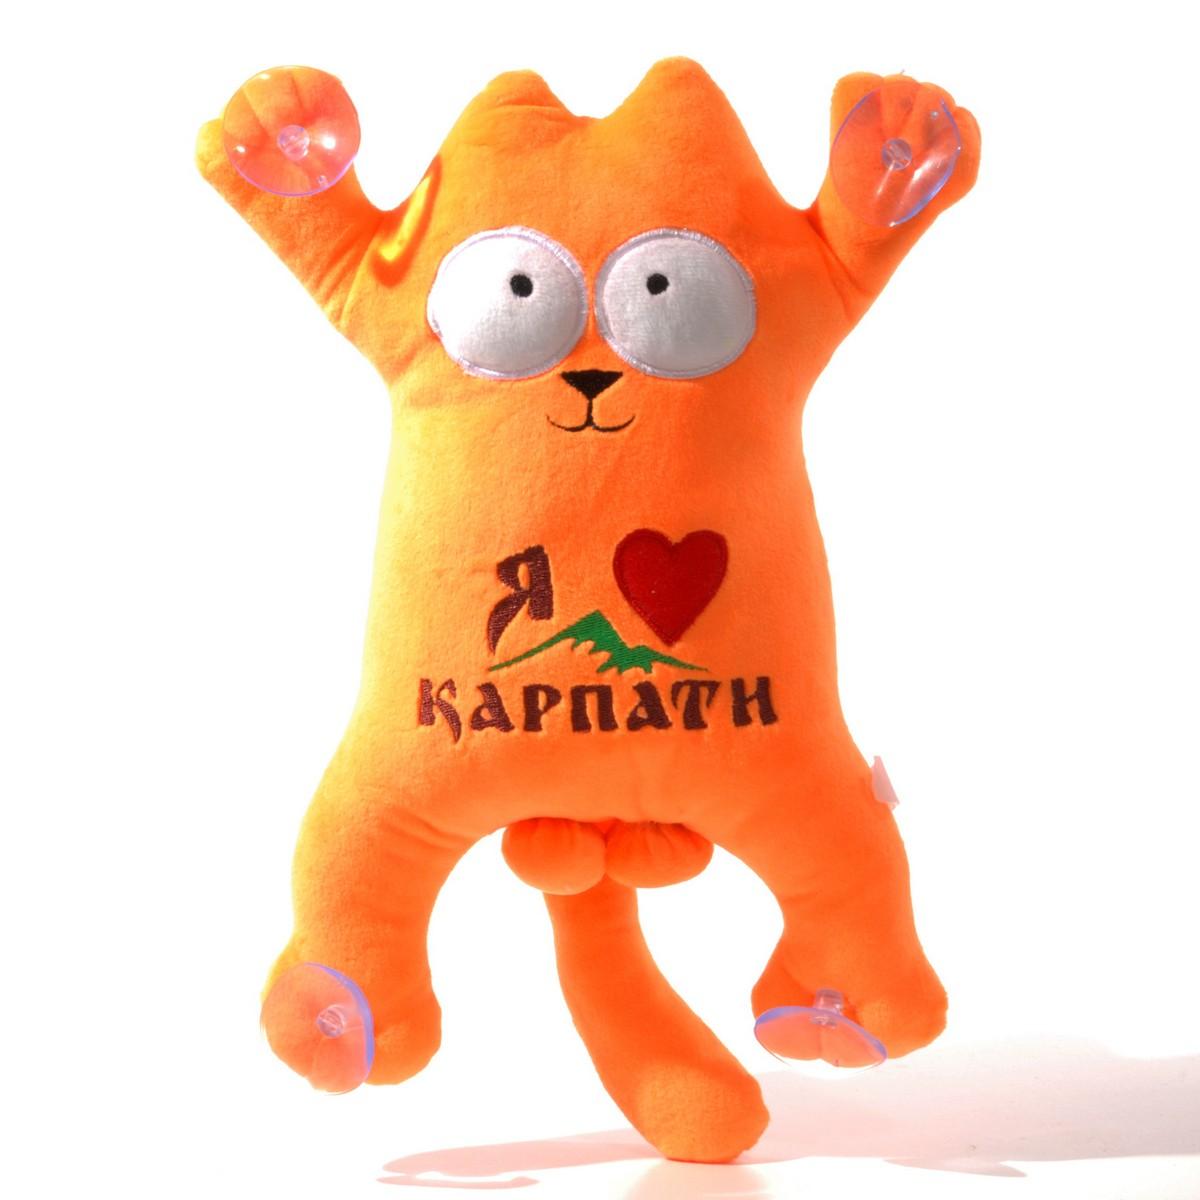 Нанесение логотипа или изображения на мягкую игрушку